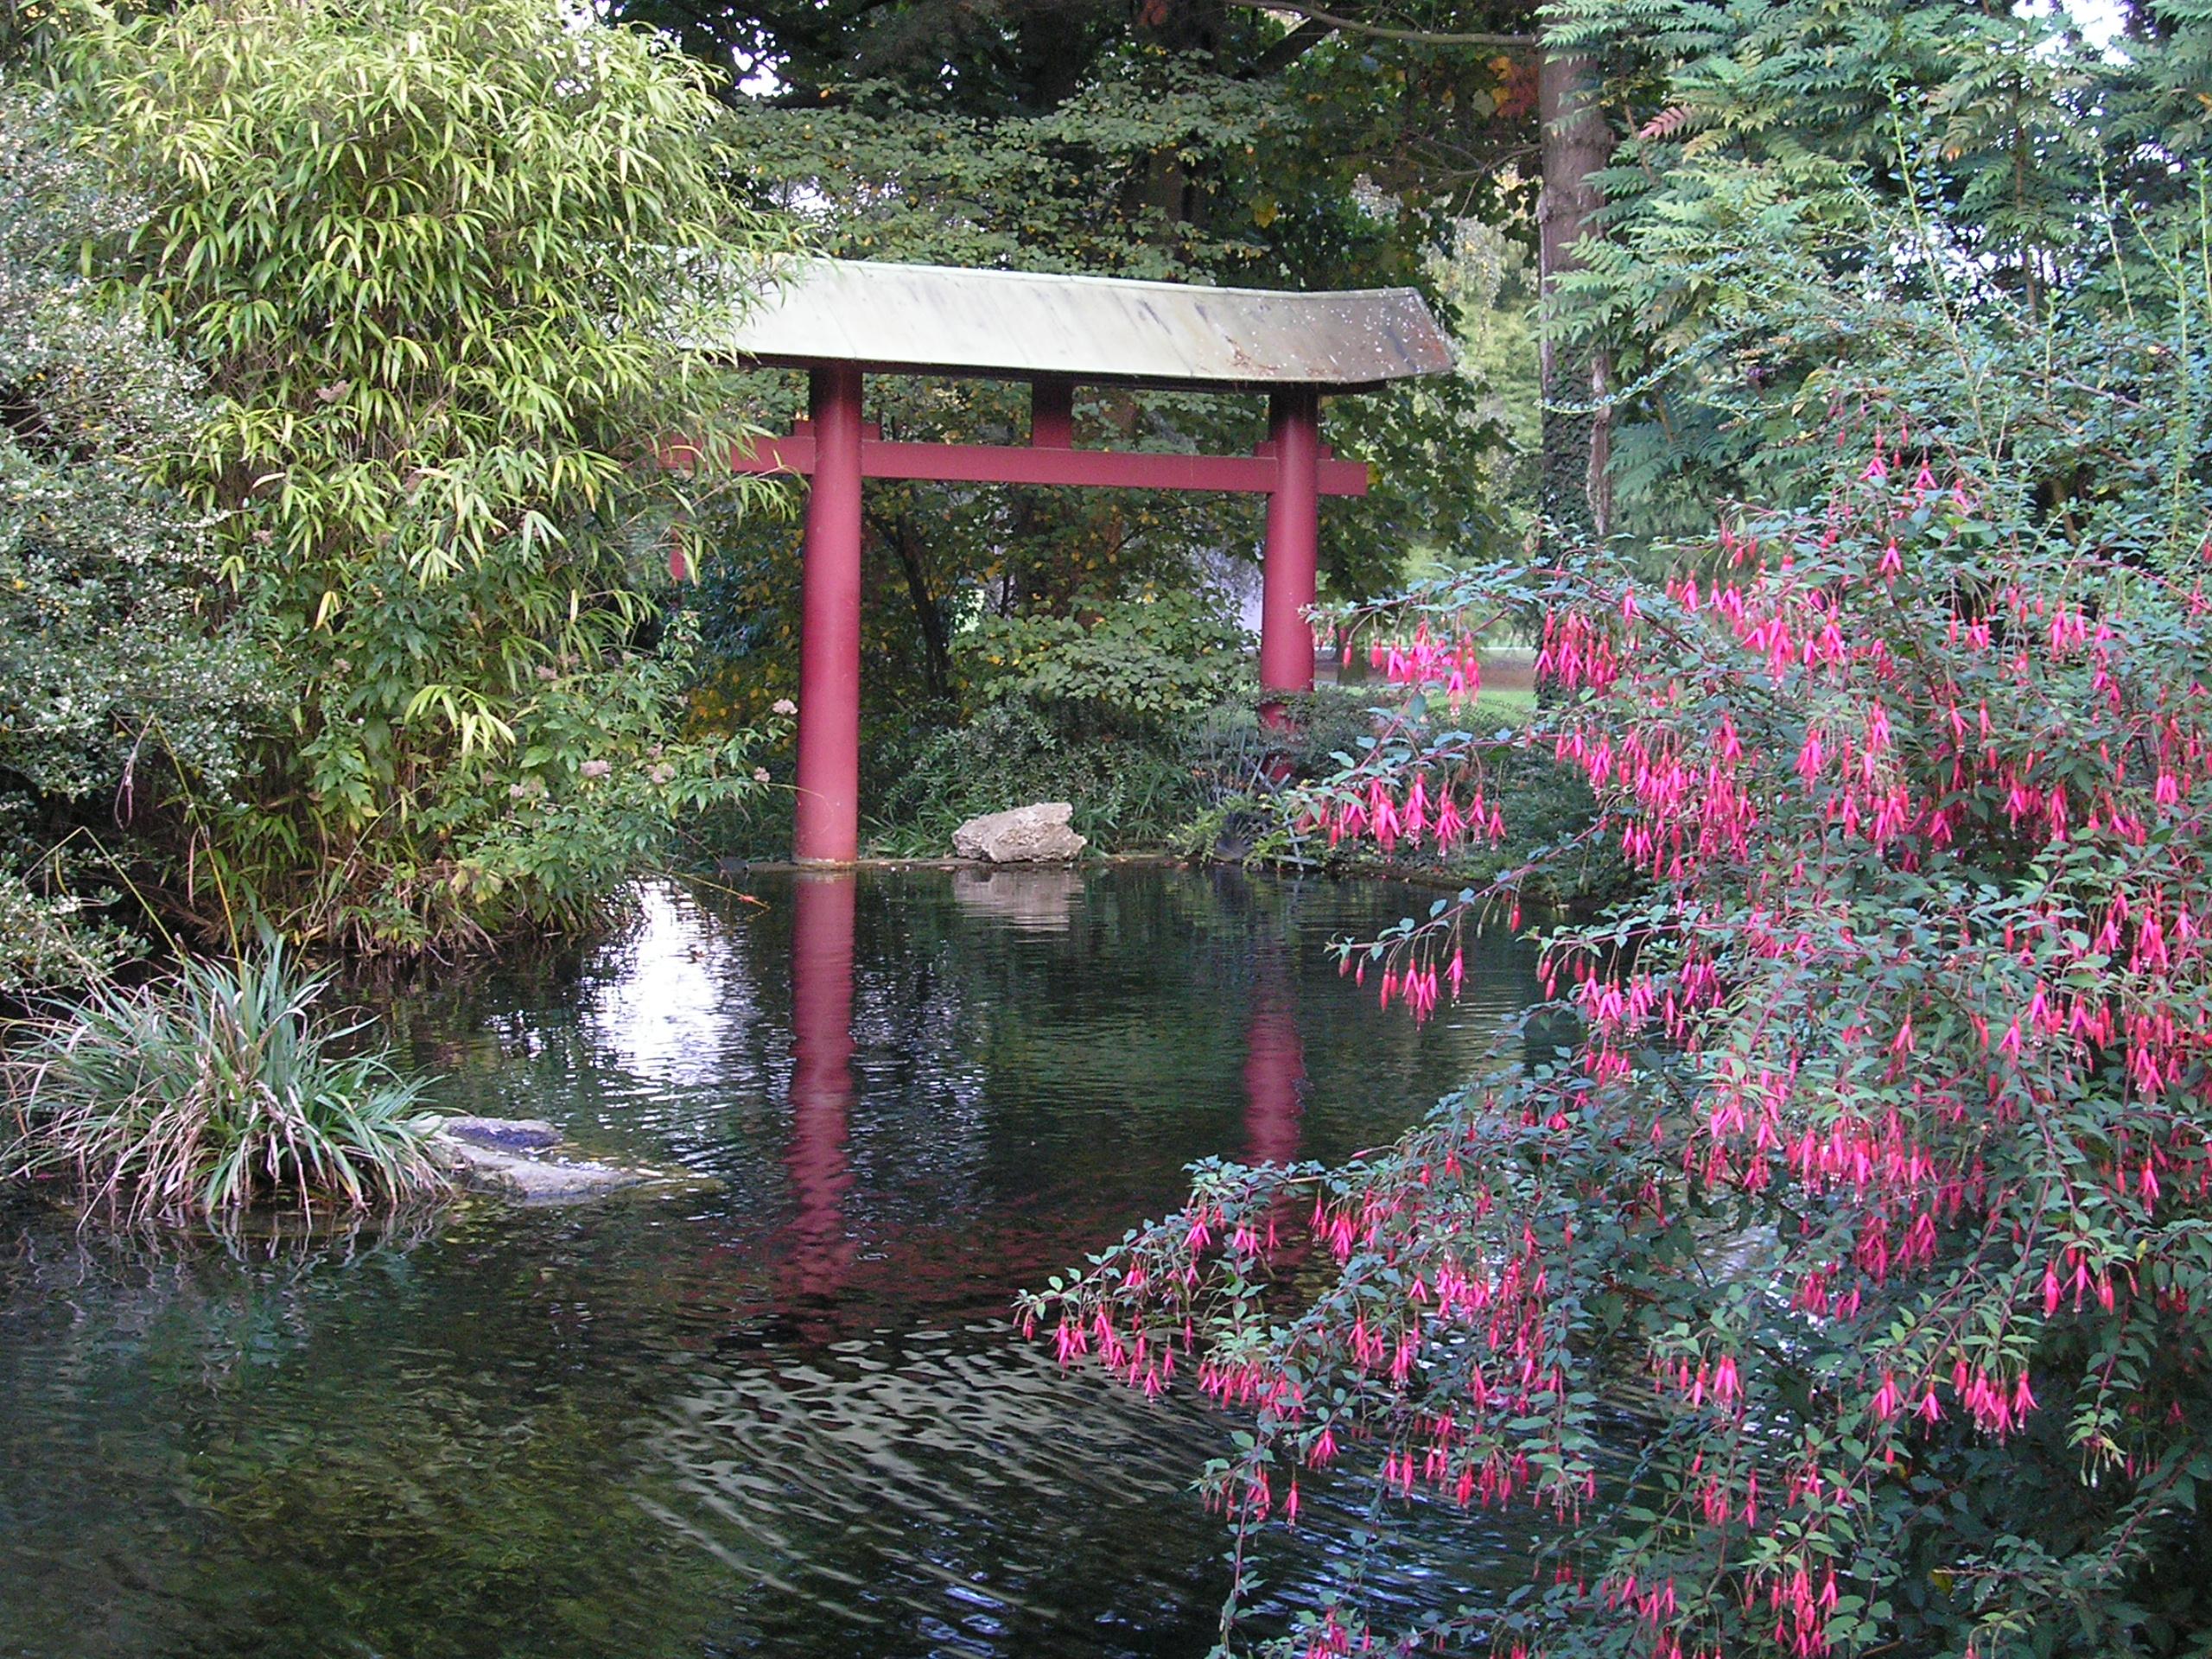 Japanischer garten fotos japanischer garten fotos for Garten im herbst anlegen